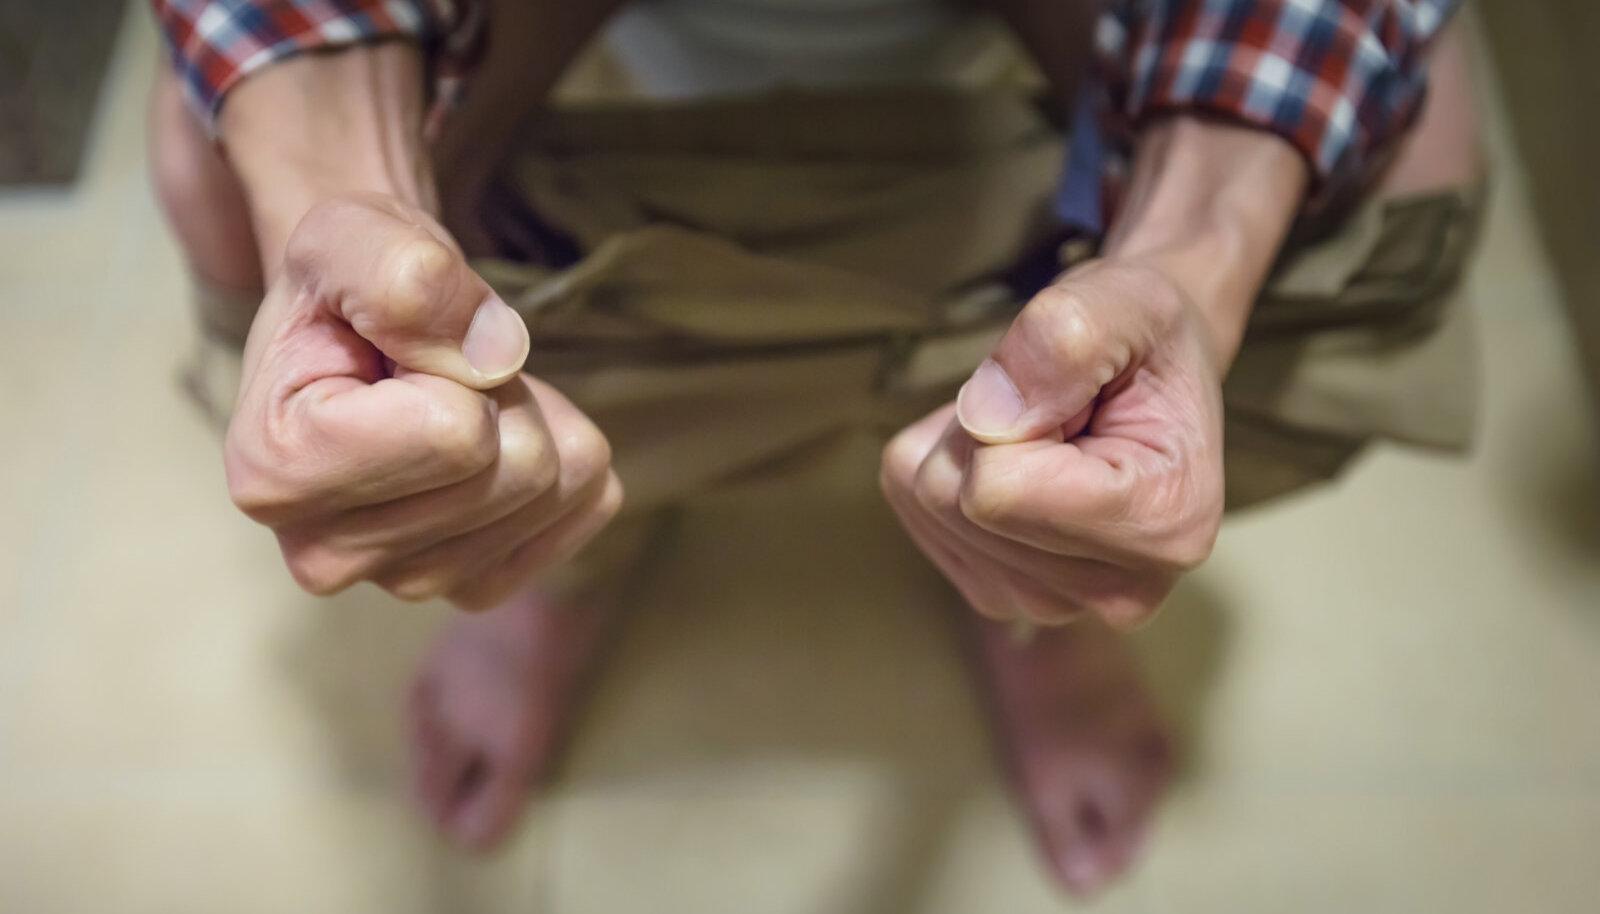 Sormede liigesed on vaga haiged Osteokondroos ola liigese